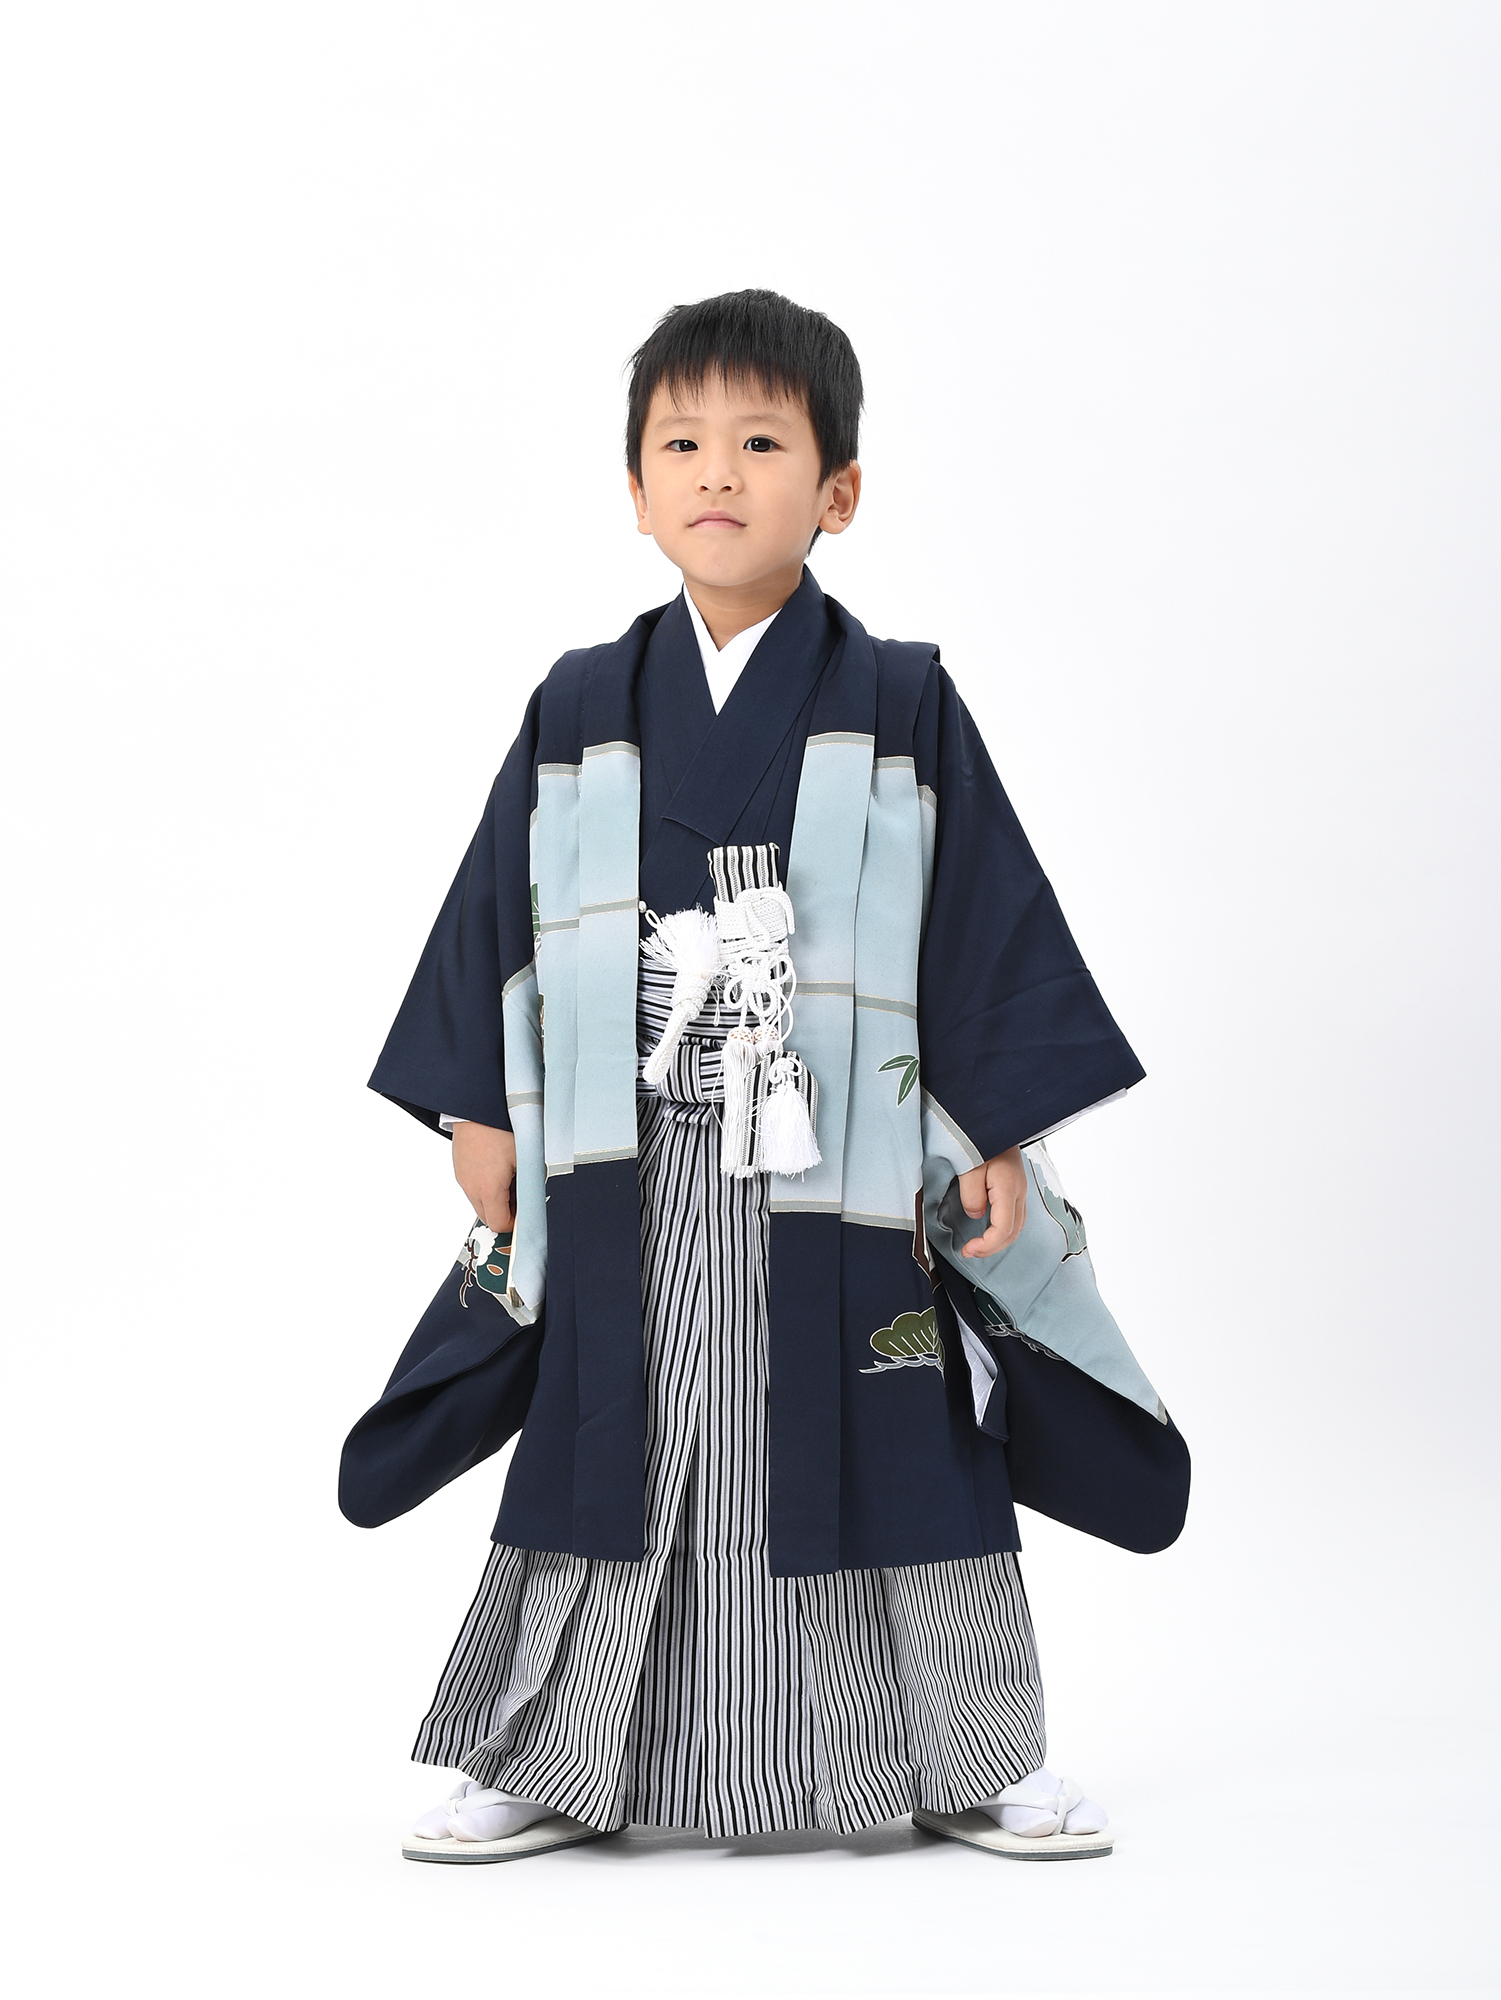 【5歳・七五三の男子着物と袴レンタル】紺色で宝船柄・品番:KD-54